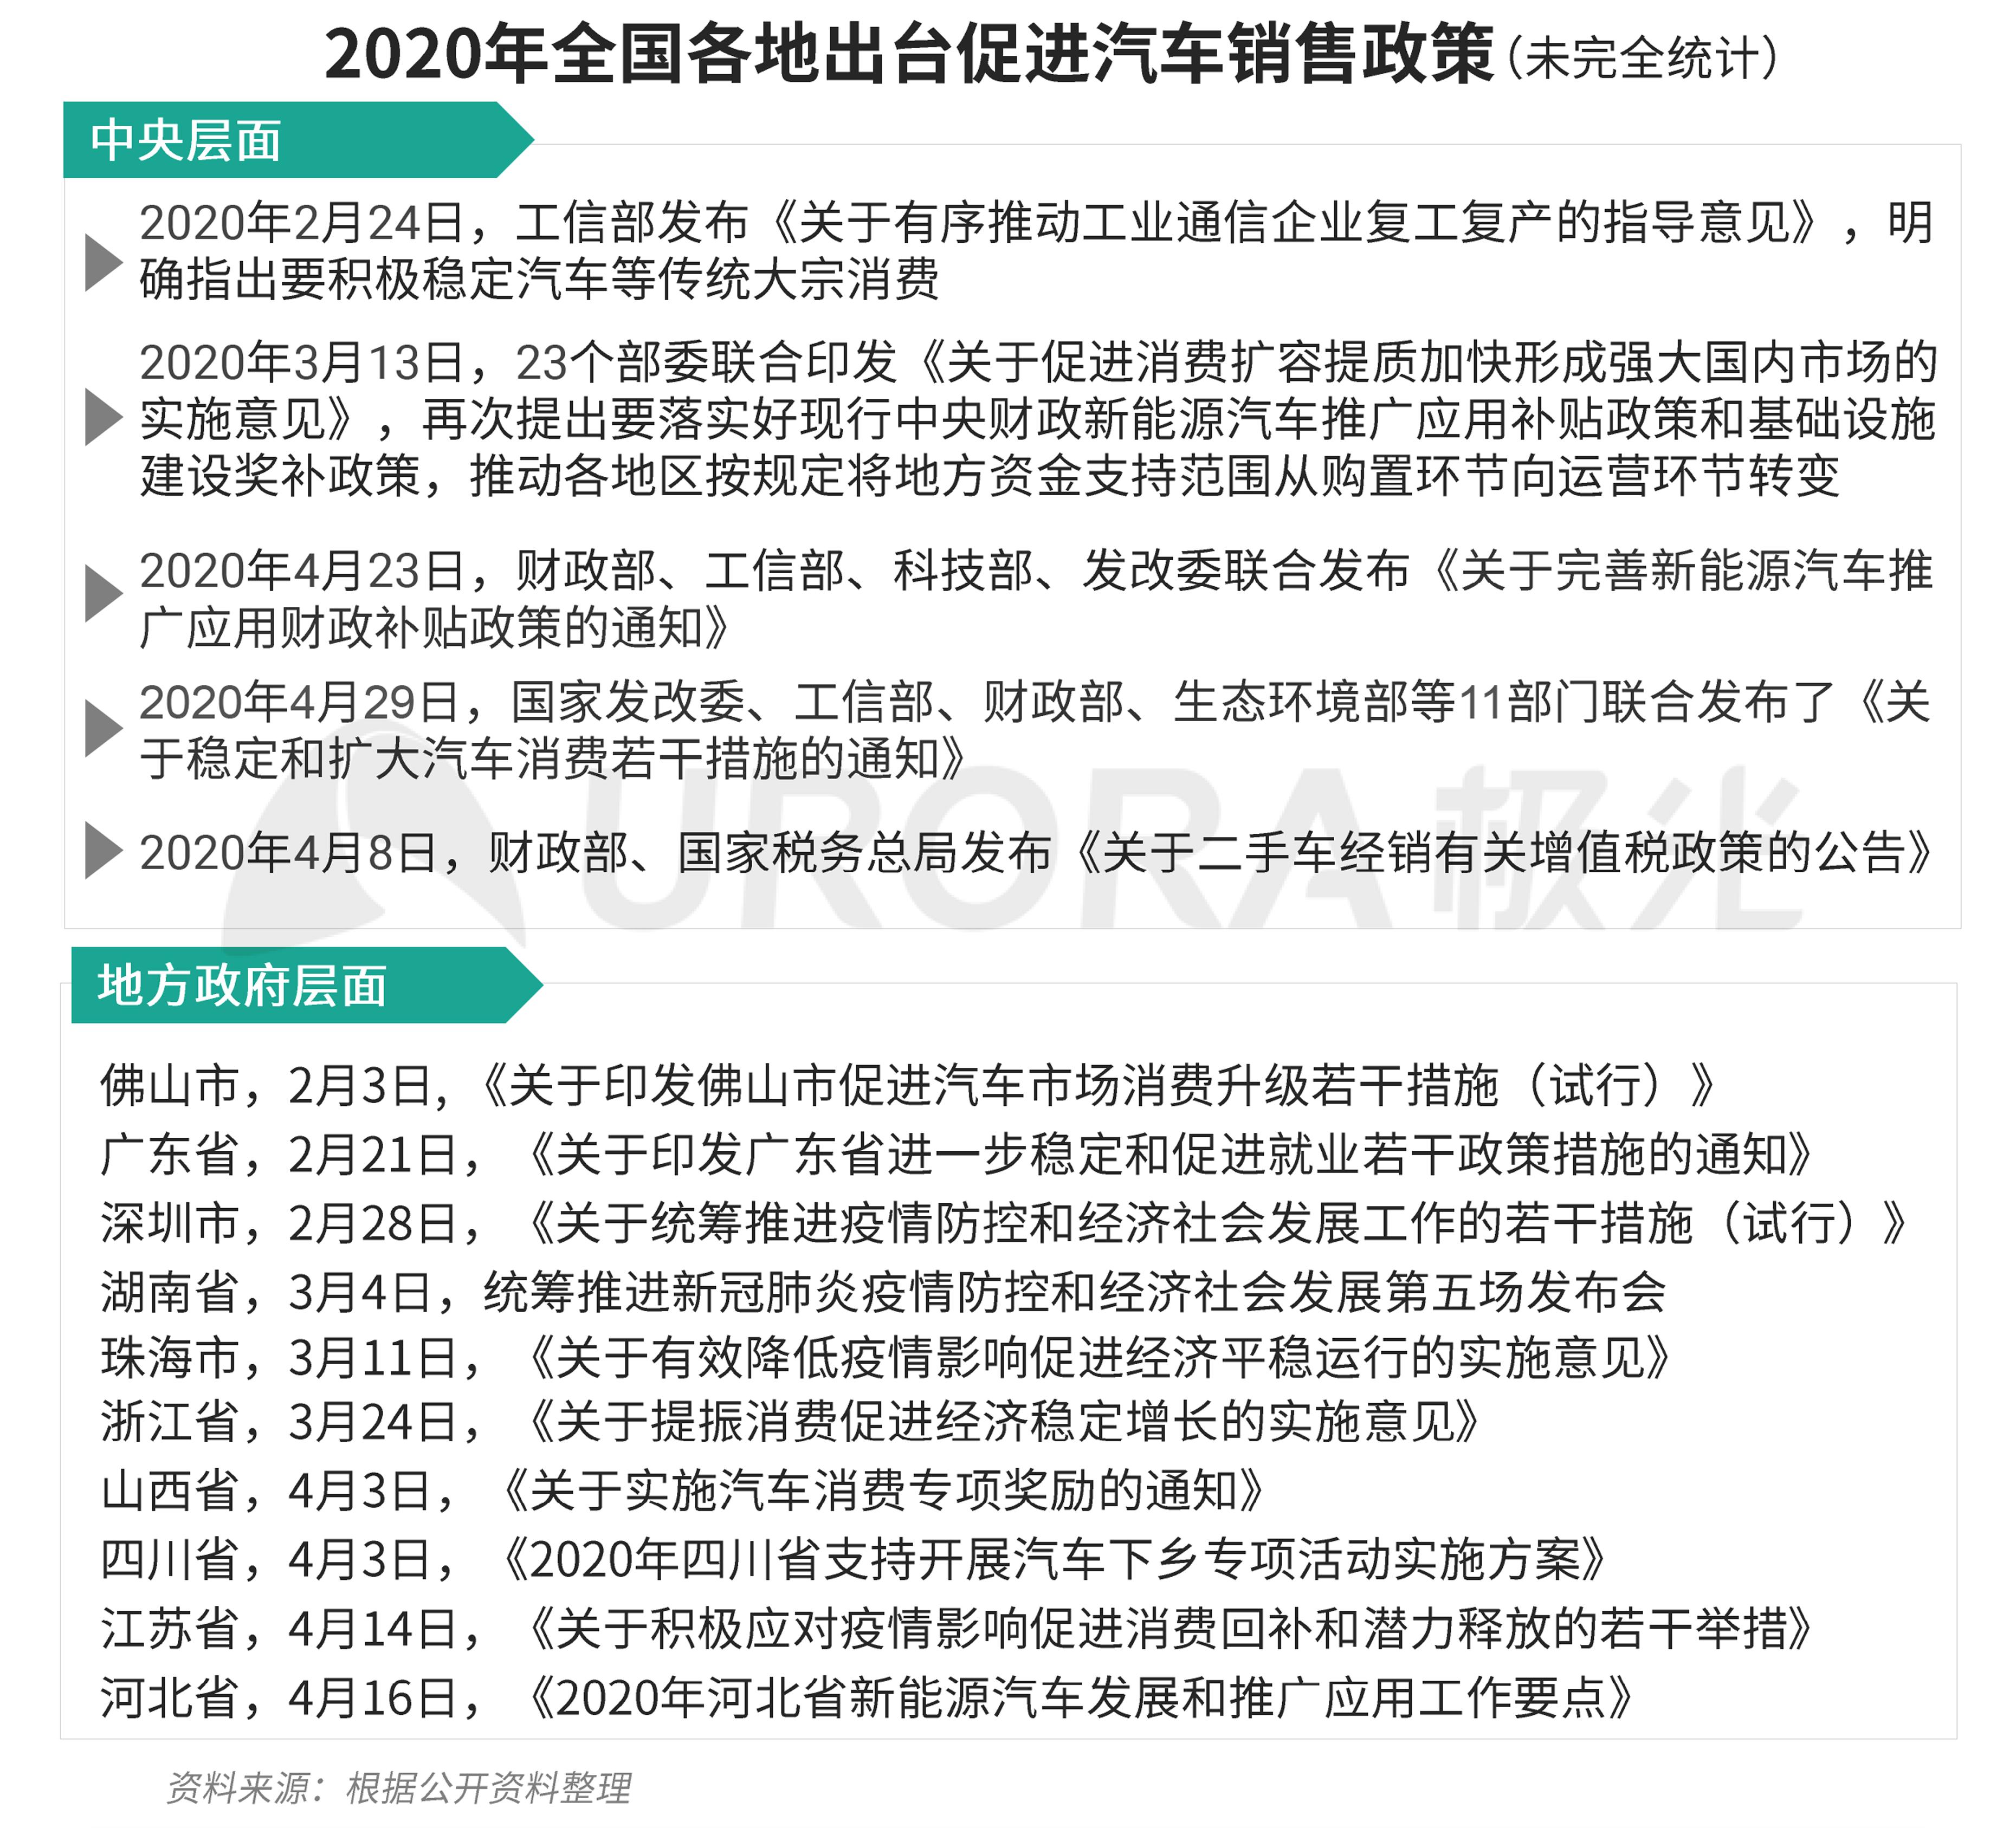 极光:汽车产业新格局 (6).png